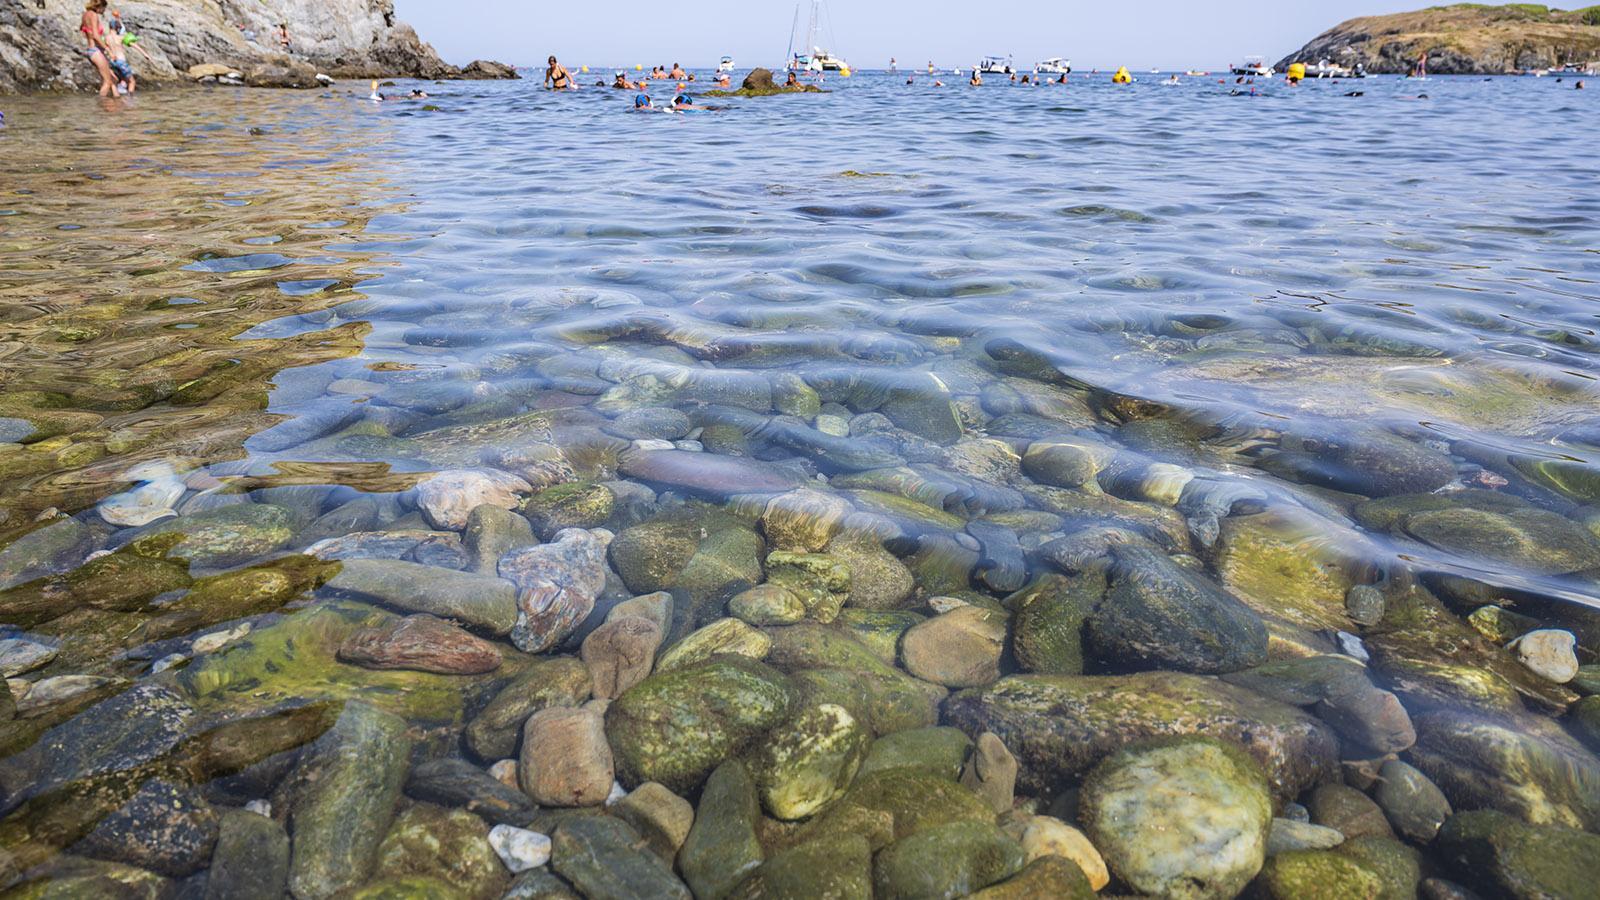 Glasklar ist das Wasser der Plage de Peyrefite. Die Fische kommen bis an den Strand! Foto: Hilke Maunder